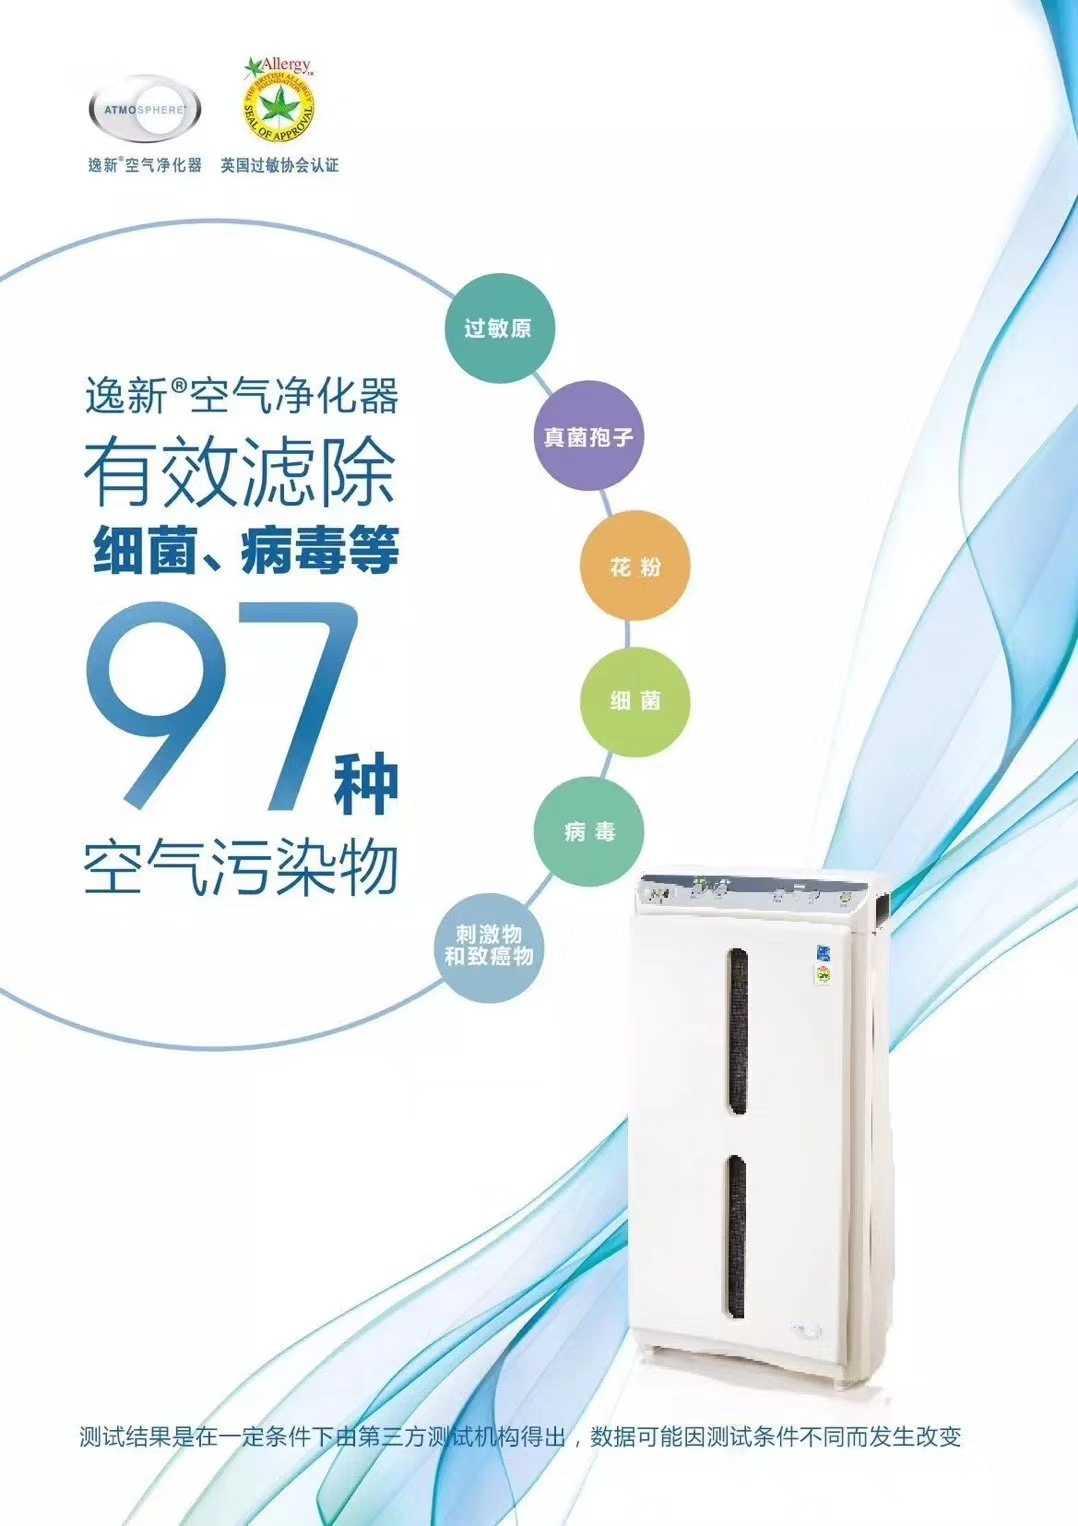 [小锋Amway安利纽崔莱空气净化,氧吧]国产家用安利逸新空气净化器室内氧吧除月销量0件仅售8349元